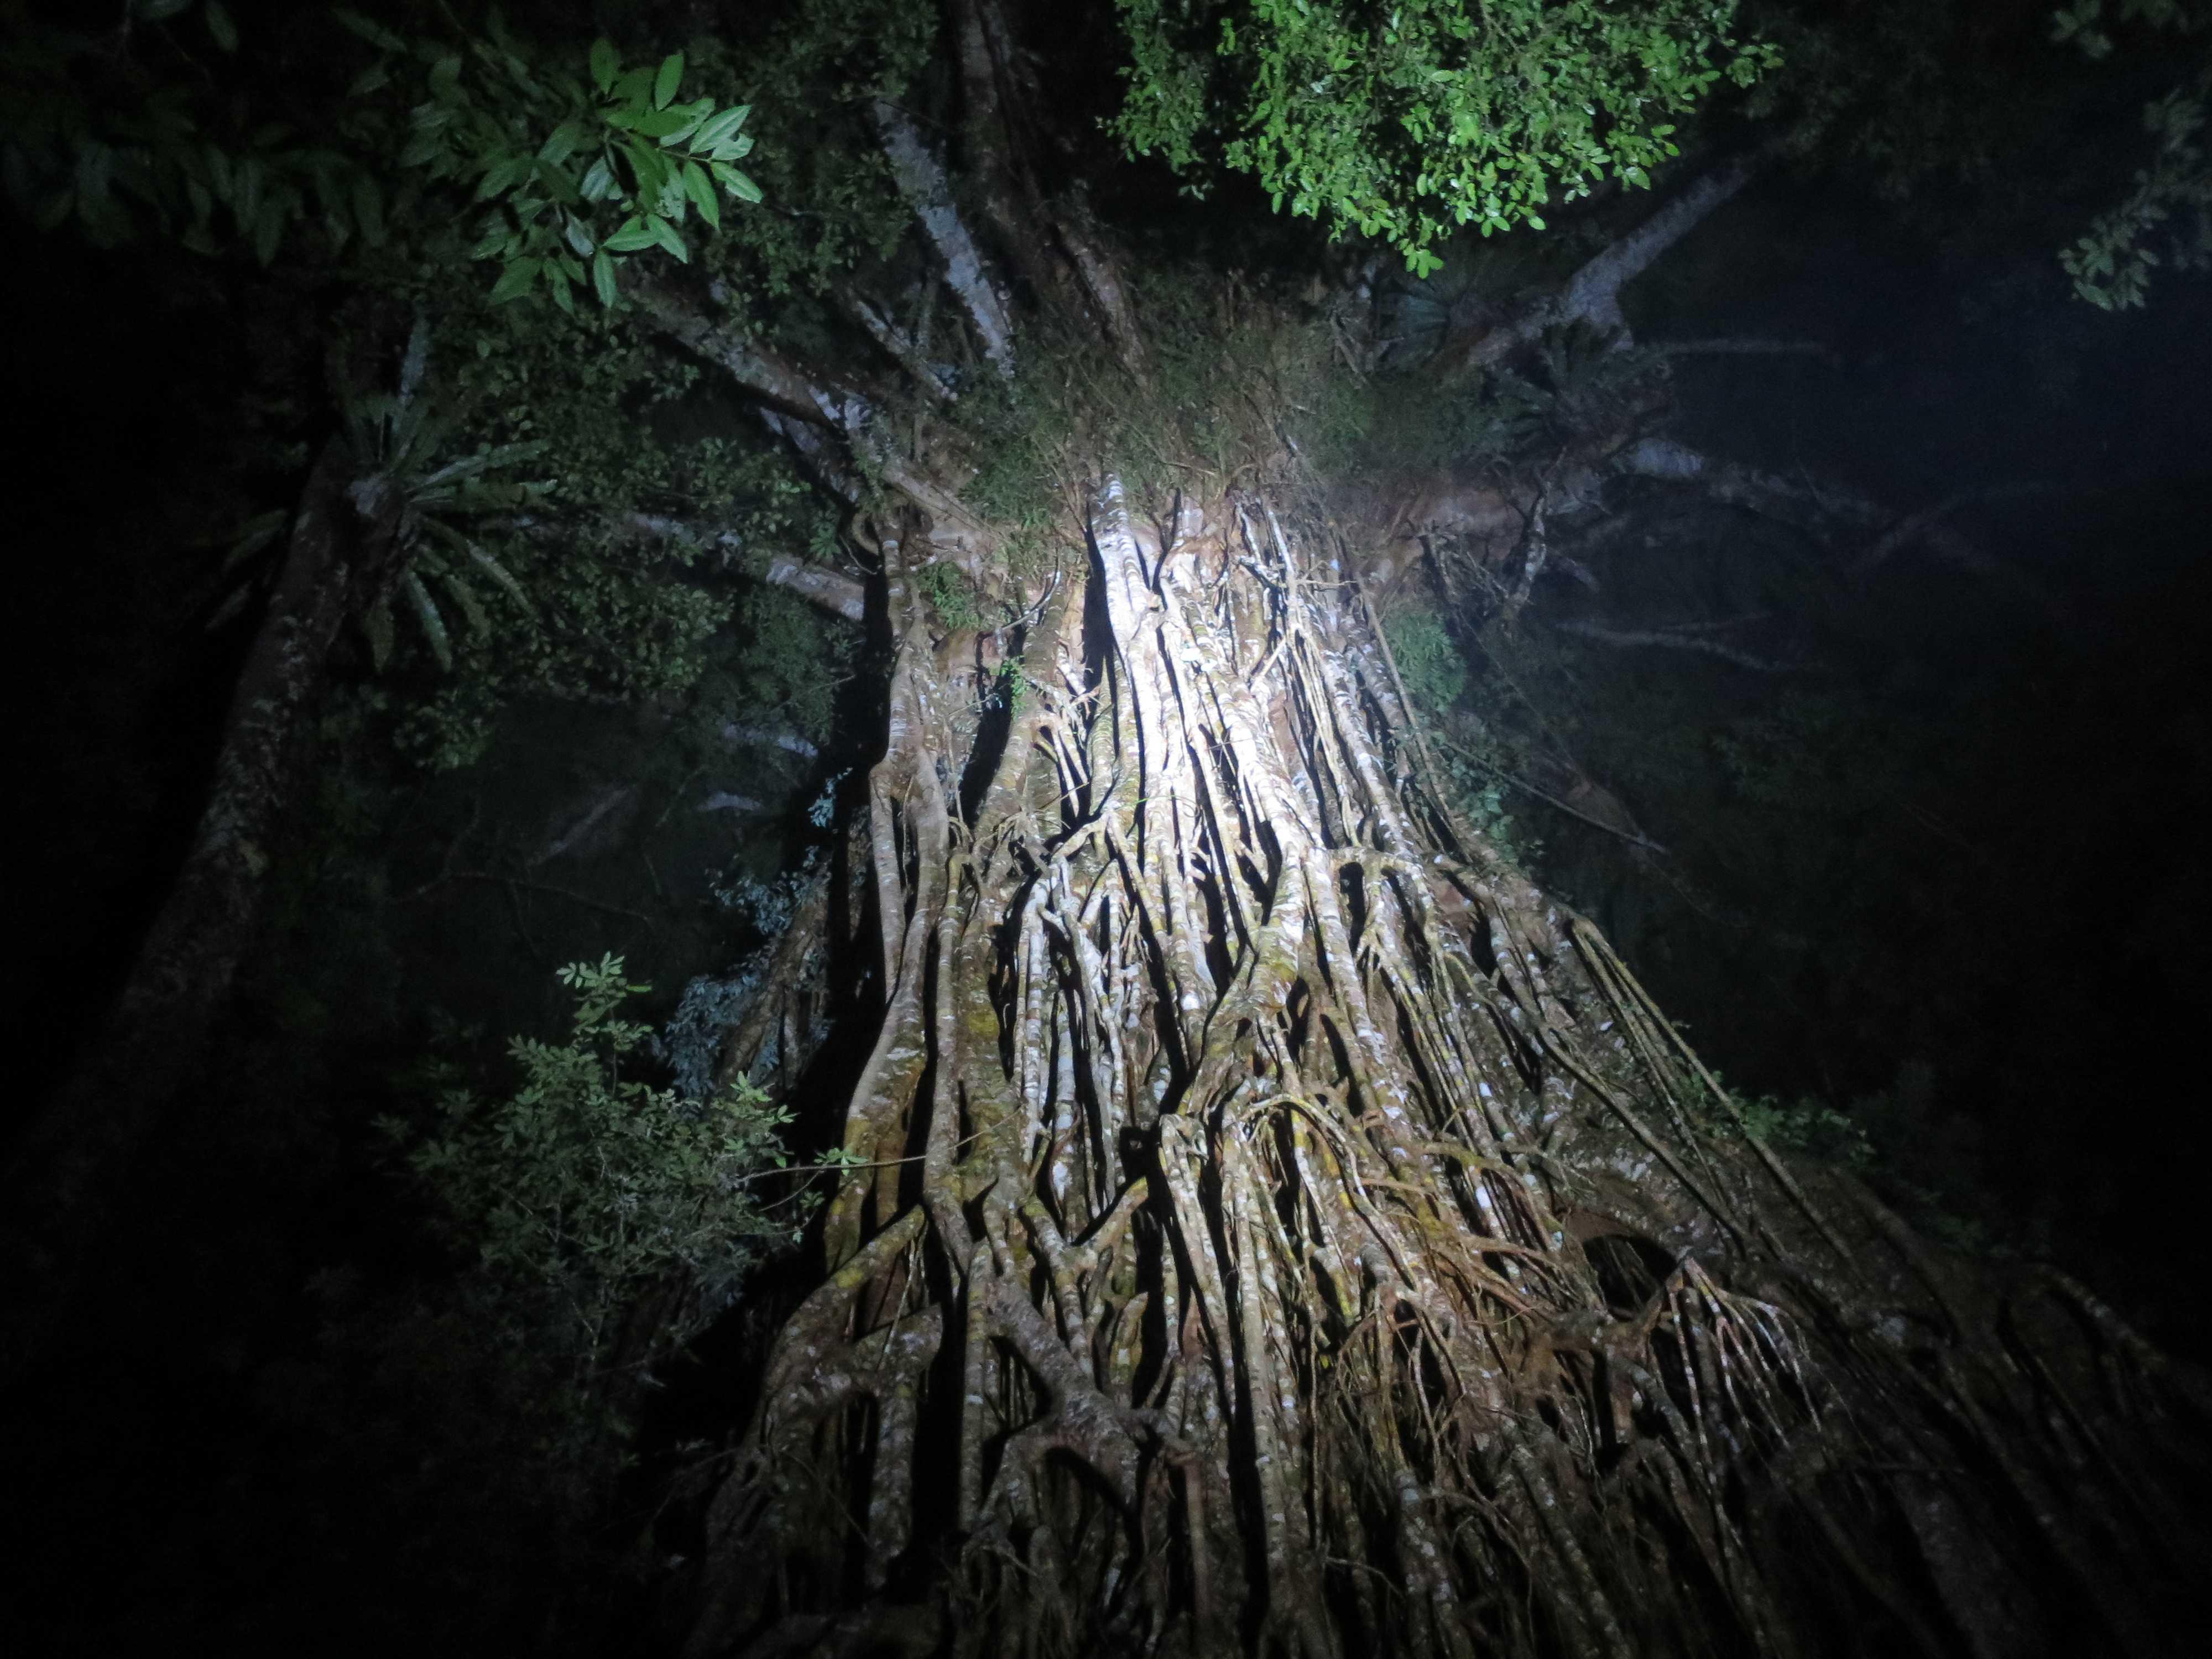 天を衝くような聖堂の樹